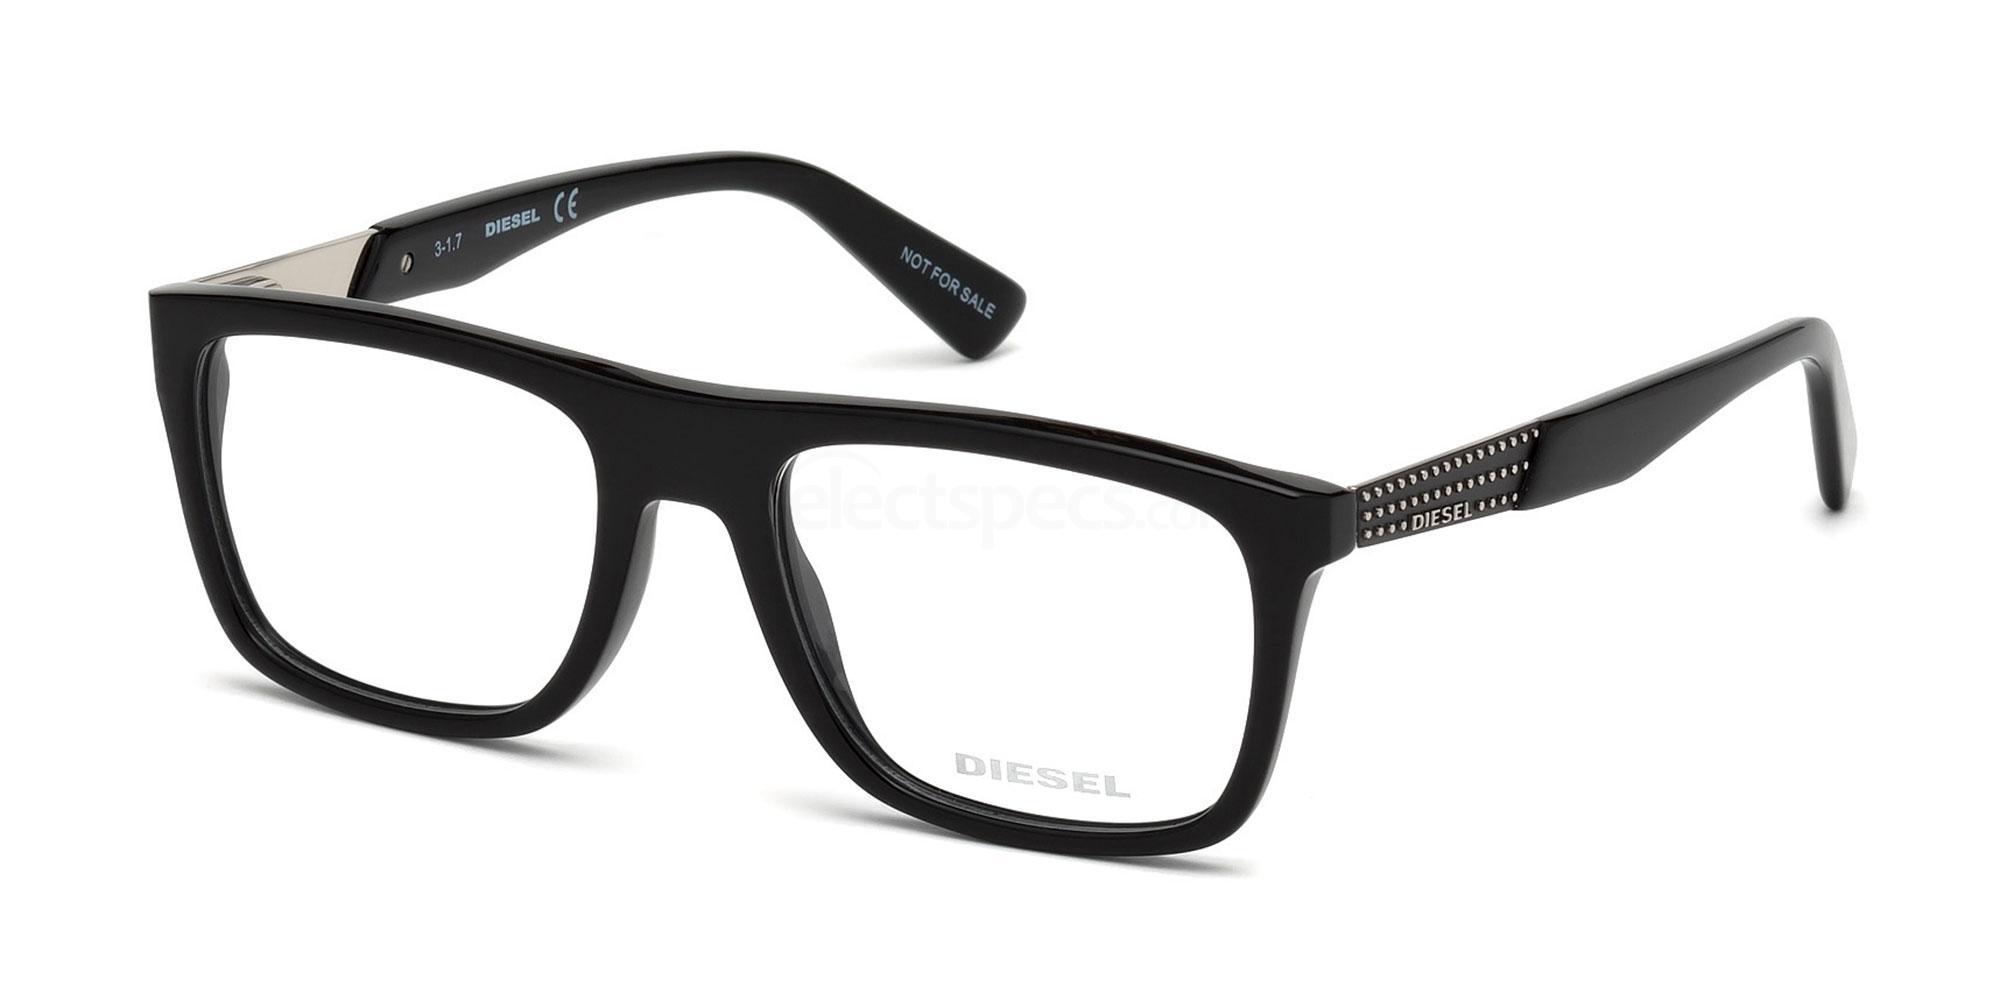 001 DL5262 Glasses, Diesel